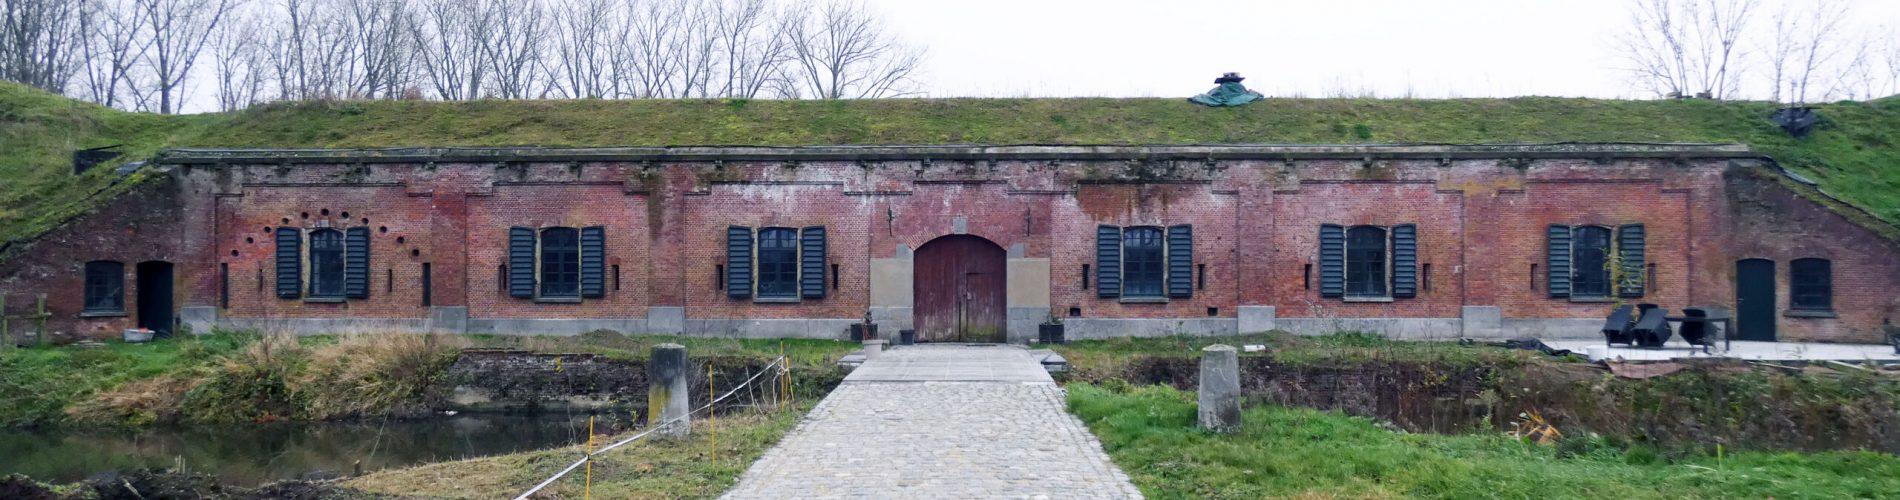 Fort Rozenbroek - Knusse thuis met schietgaten